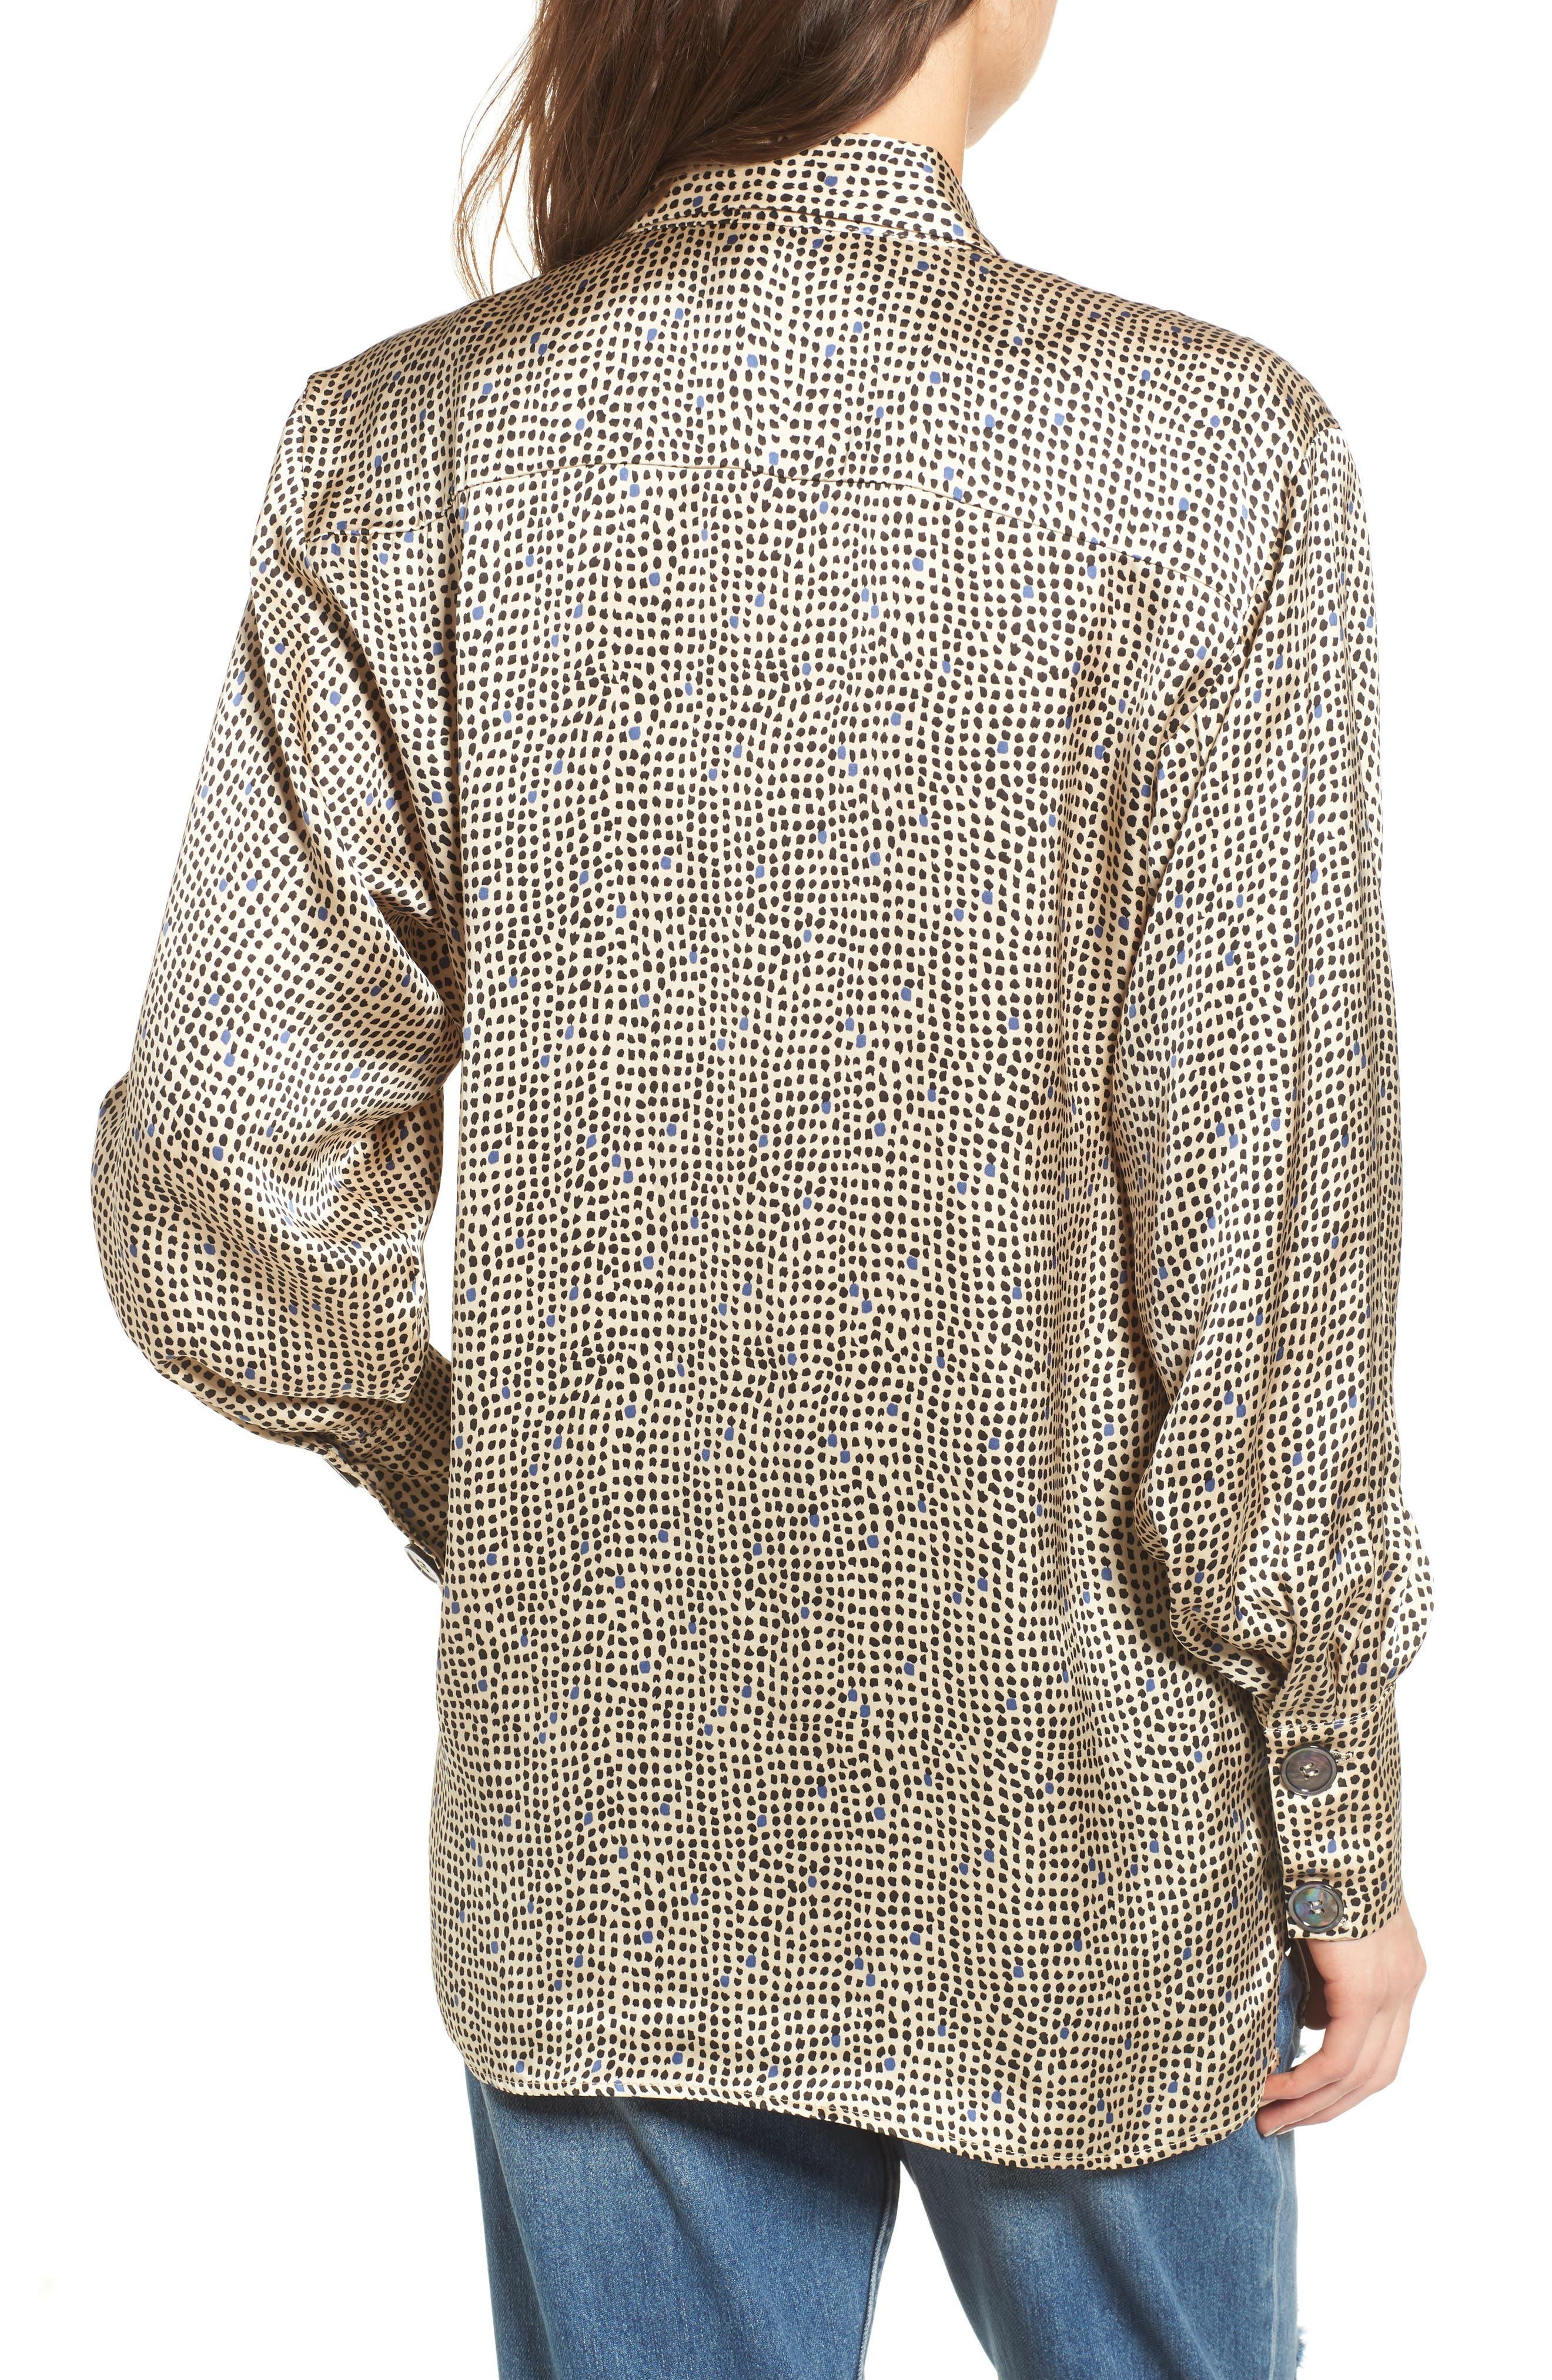 Mini Spot Shirt,                             Alternate thumbnail 2, color,                             251